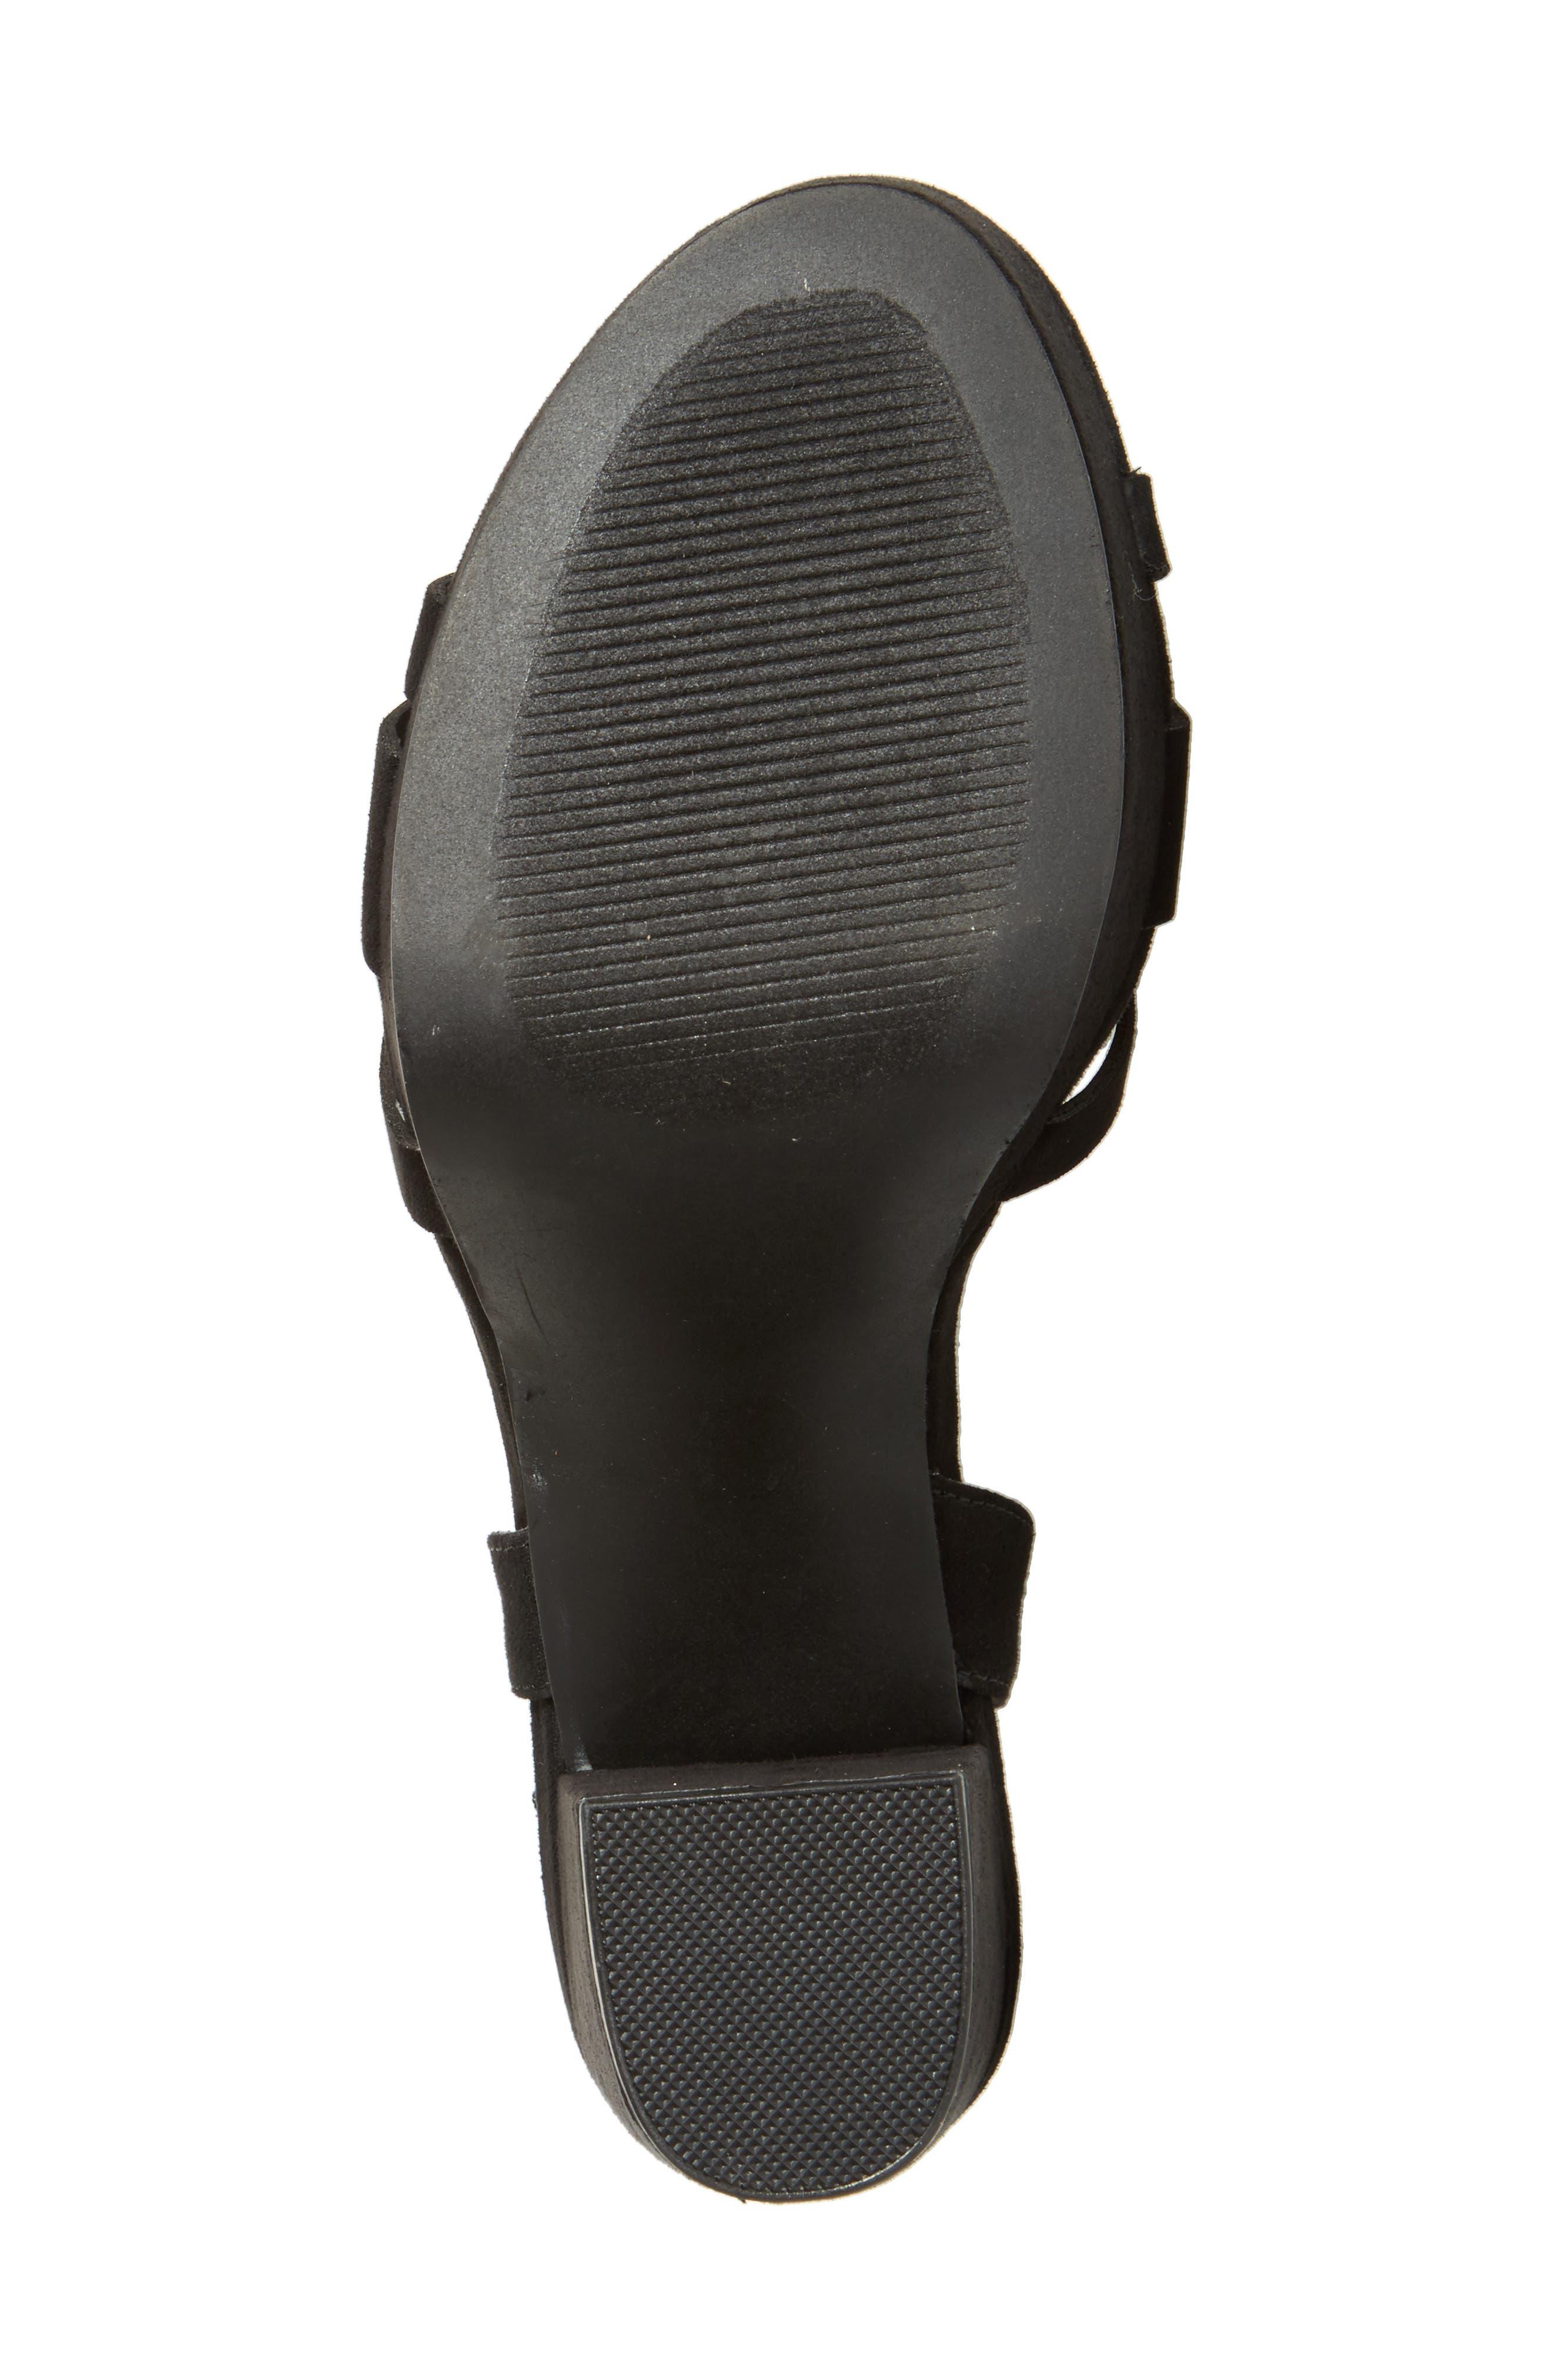 Paxx Platform Sandal,                             Alternate thumbnail 6, color,                             Black Faux Suede